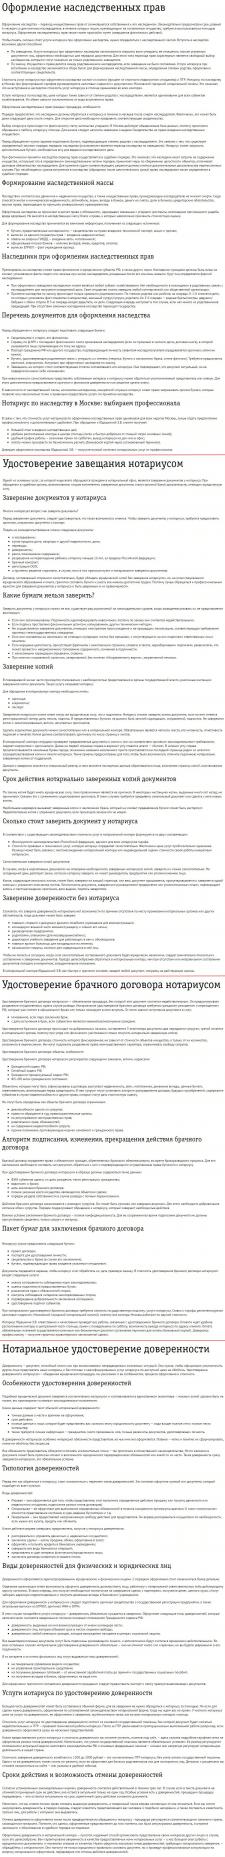 ЮРИСПРУДЕНЦИЯ | Нотариальные услуги Юдашкина